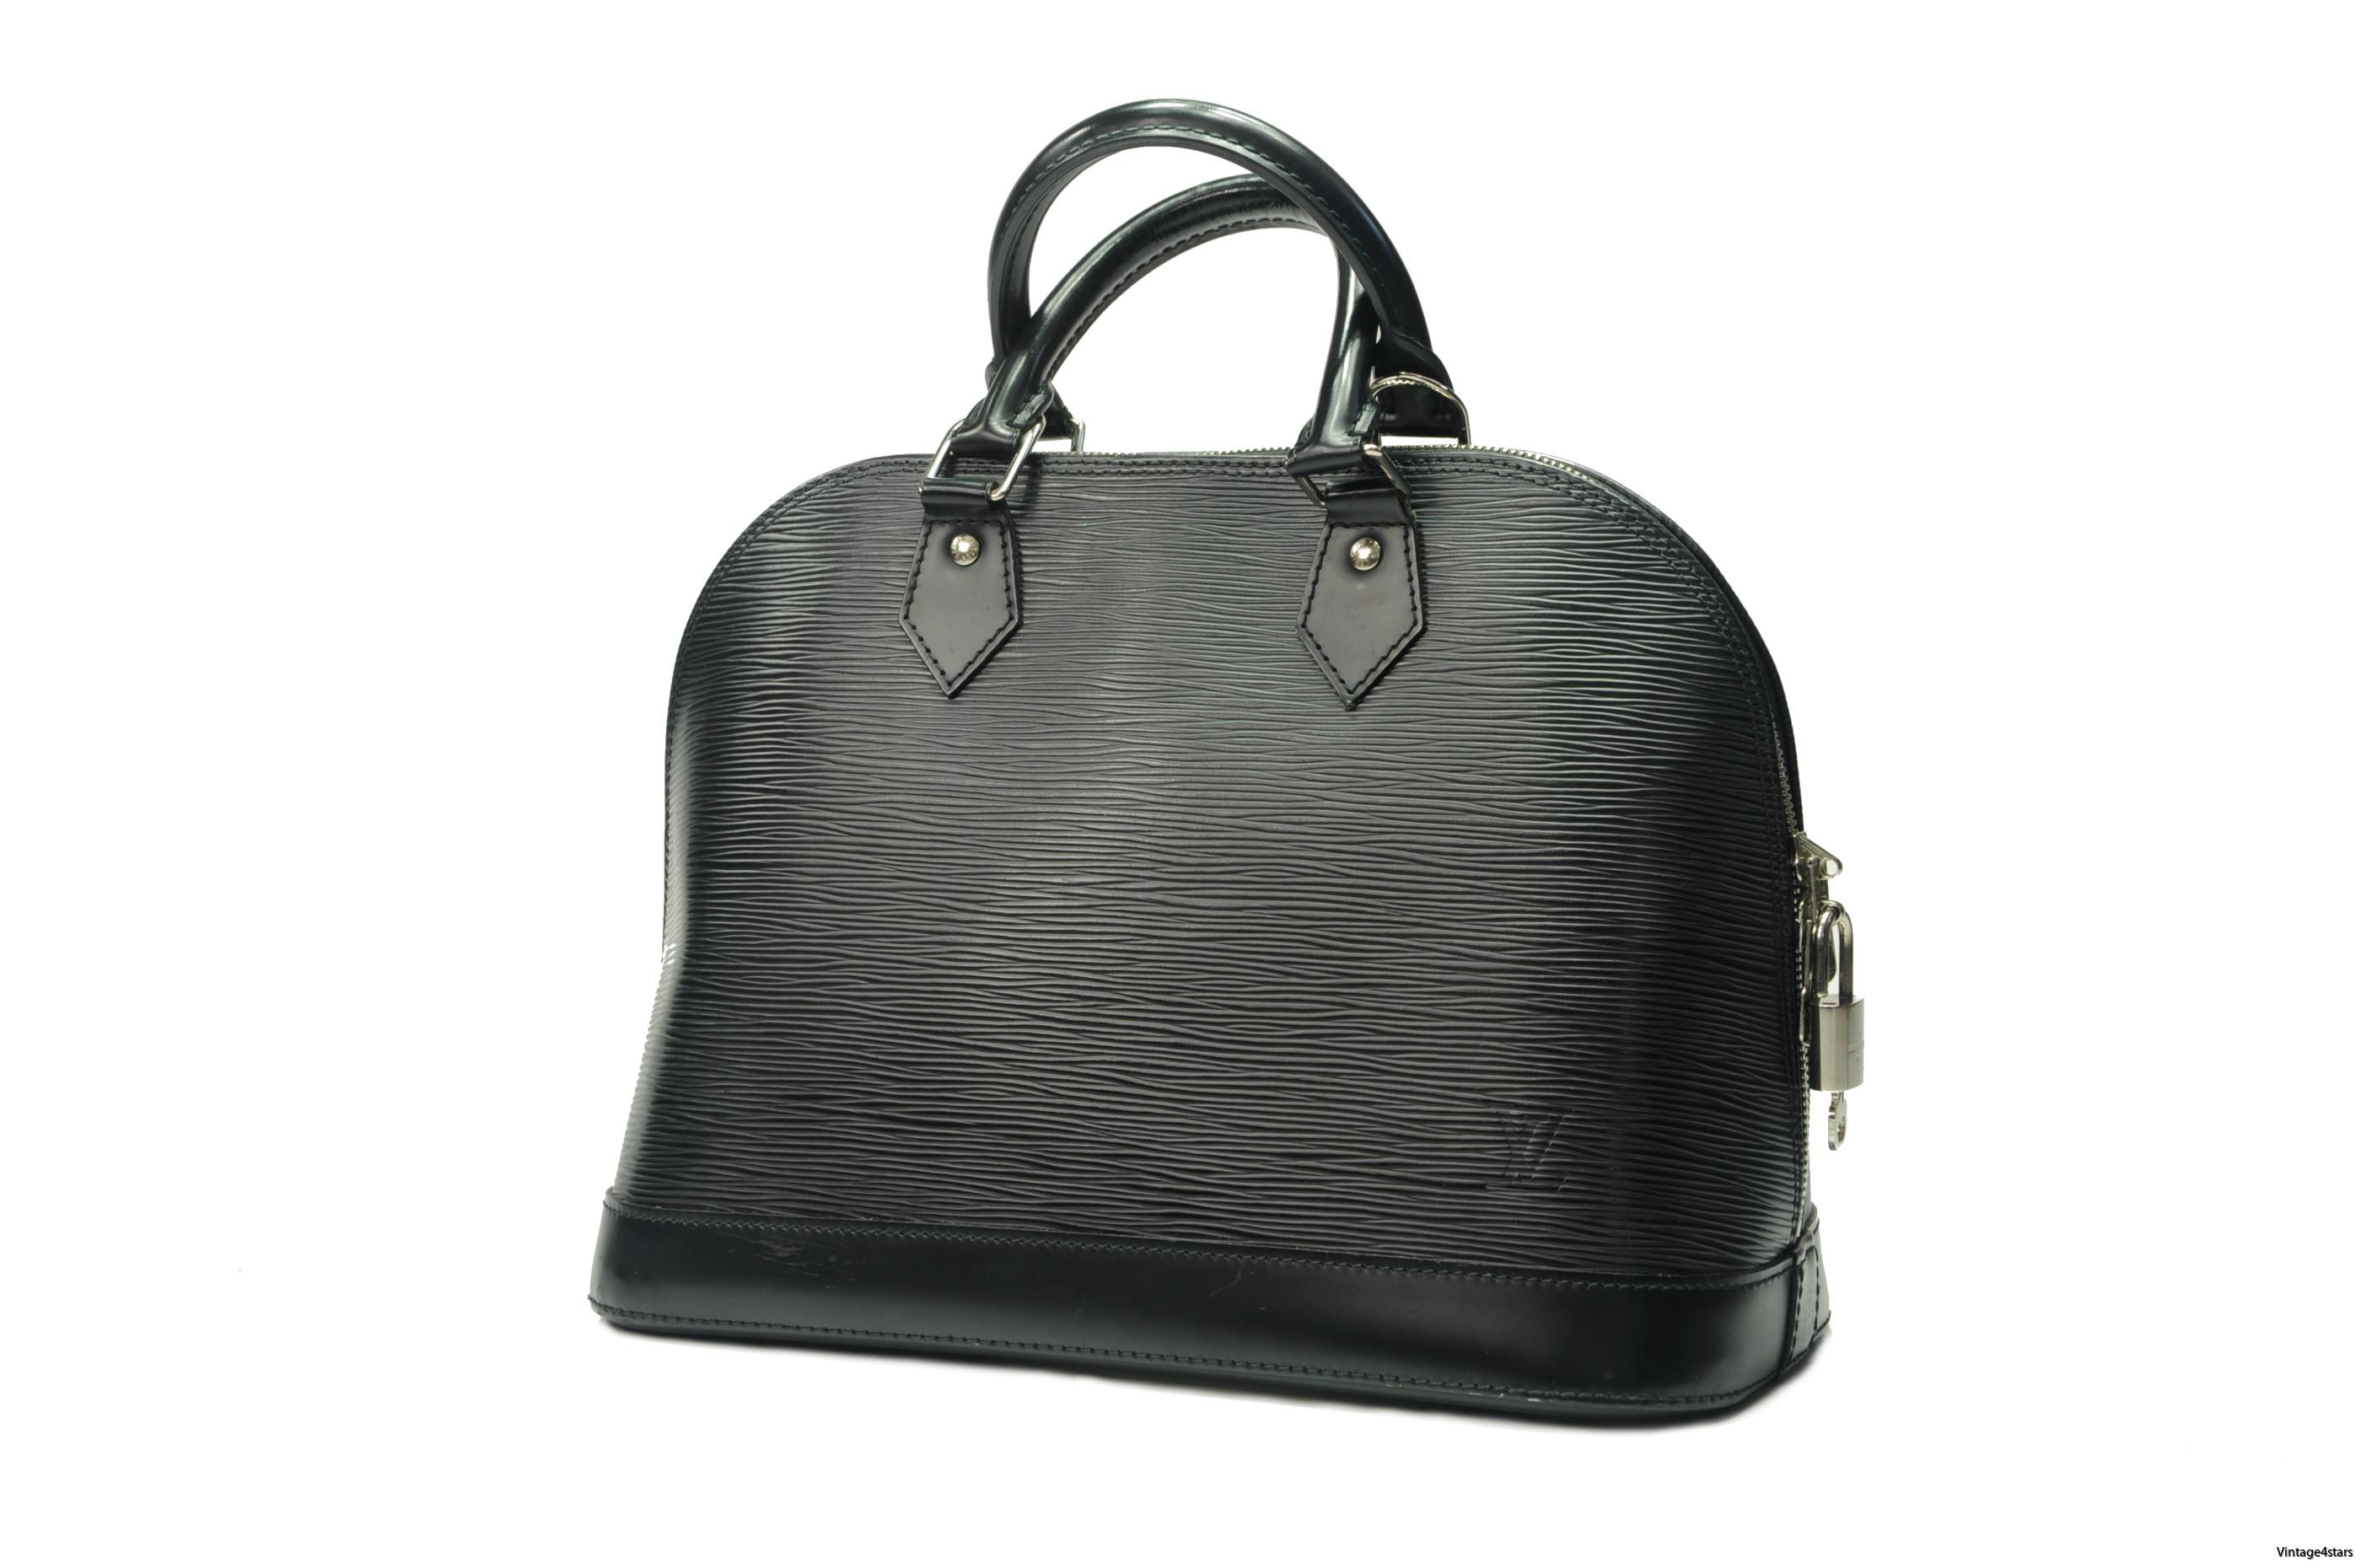 Louis Vuitton Alma Epi Neo 1